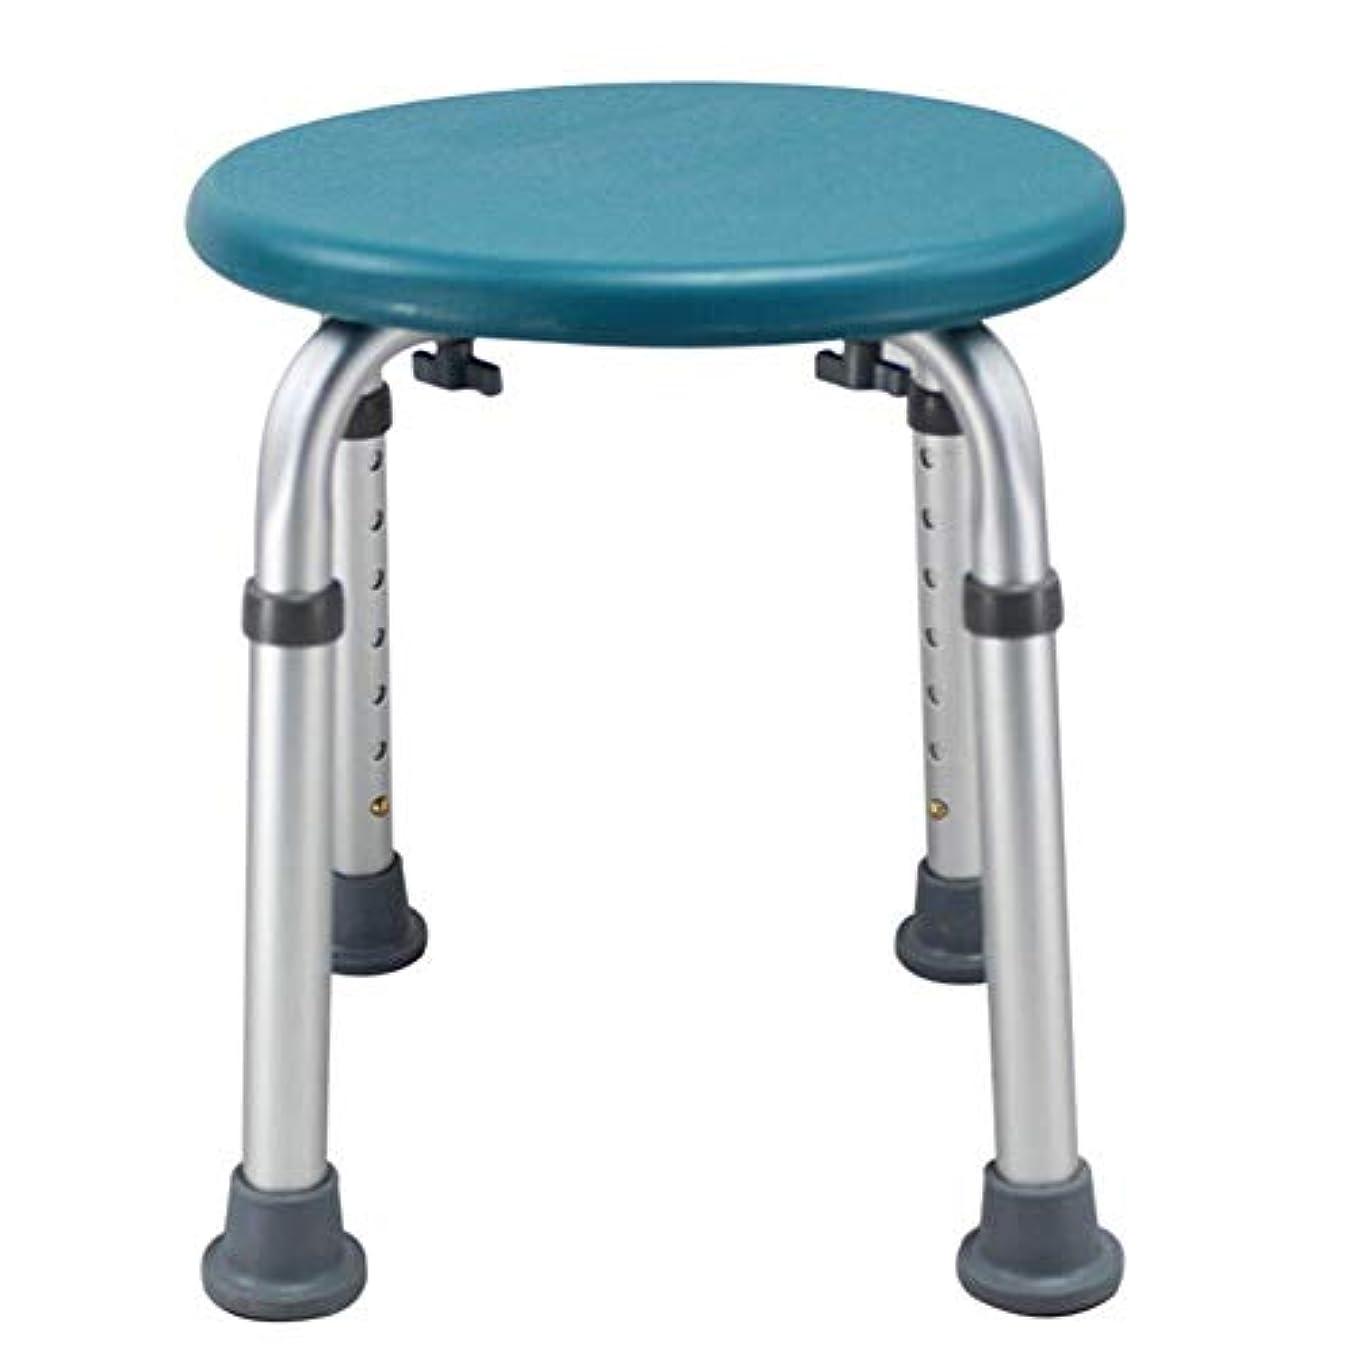 提供保存スラムラウンドバスシートまたはシャワースツール、調整可能な高さのバスシートベンチ高齢者用入浴補助 (Color : 緑)